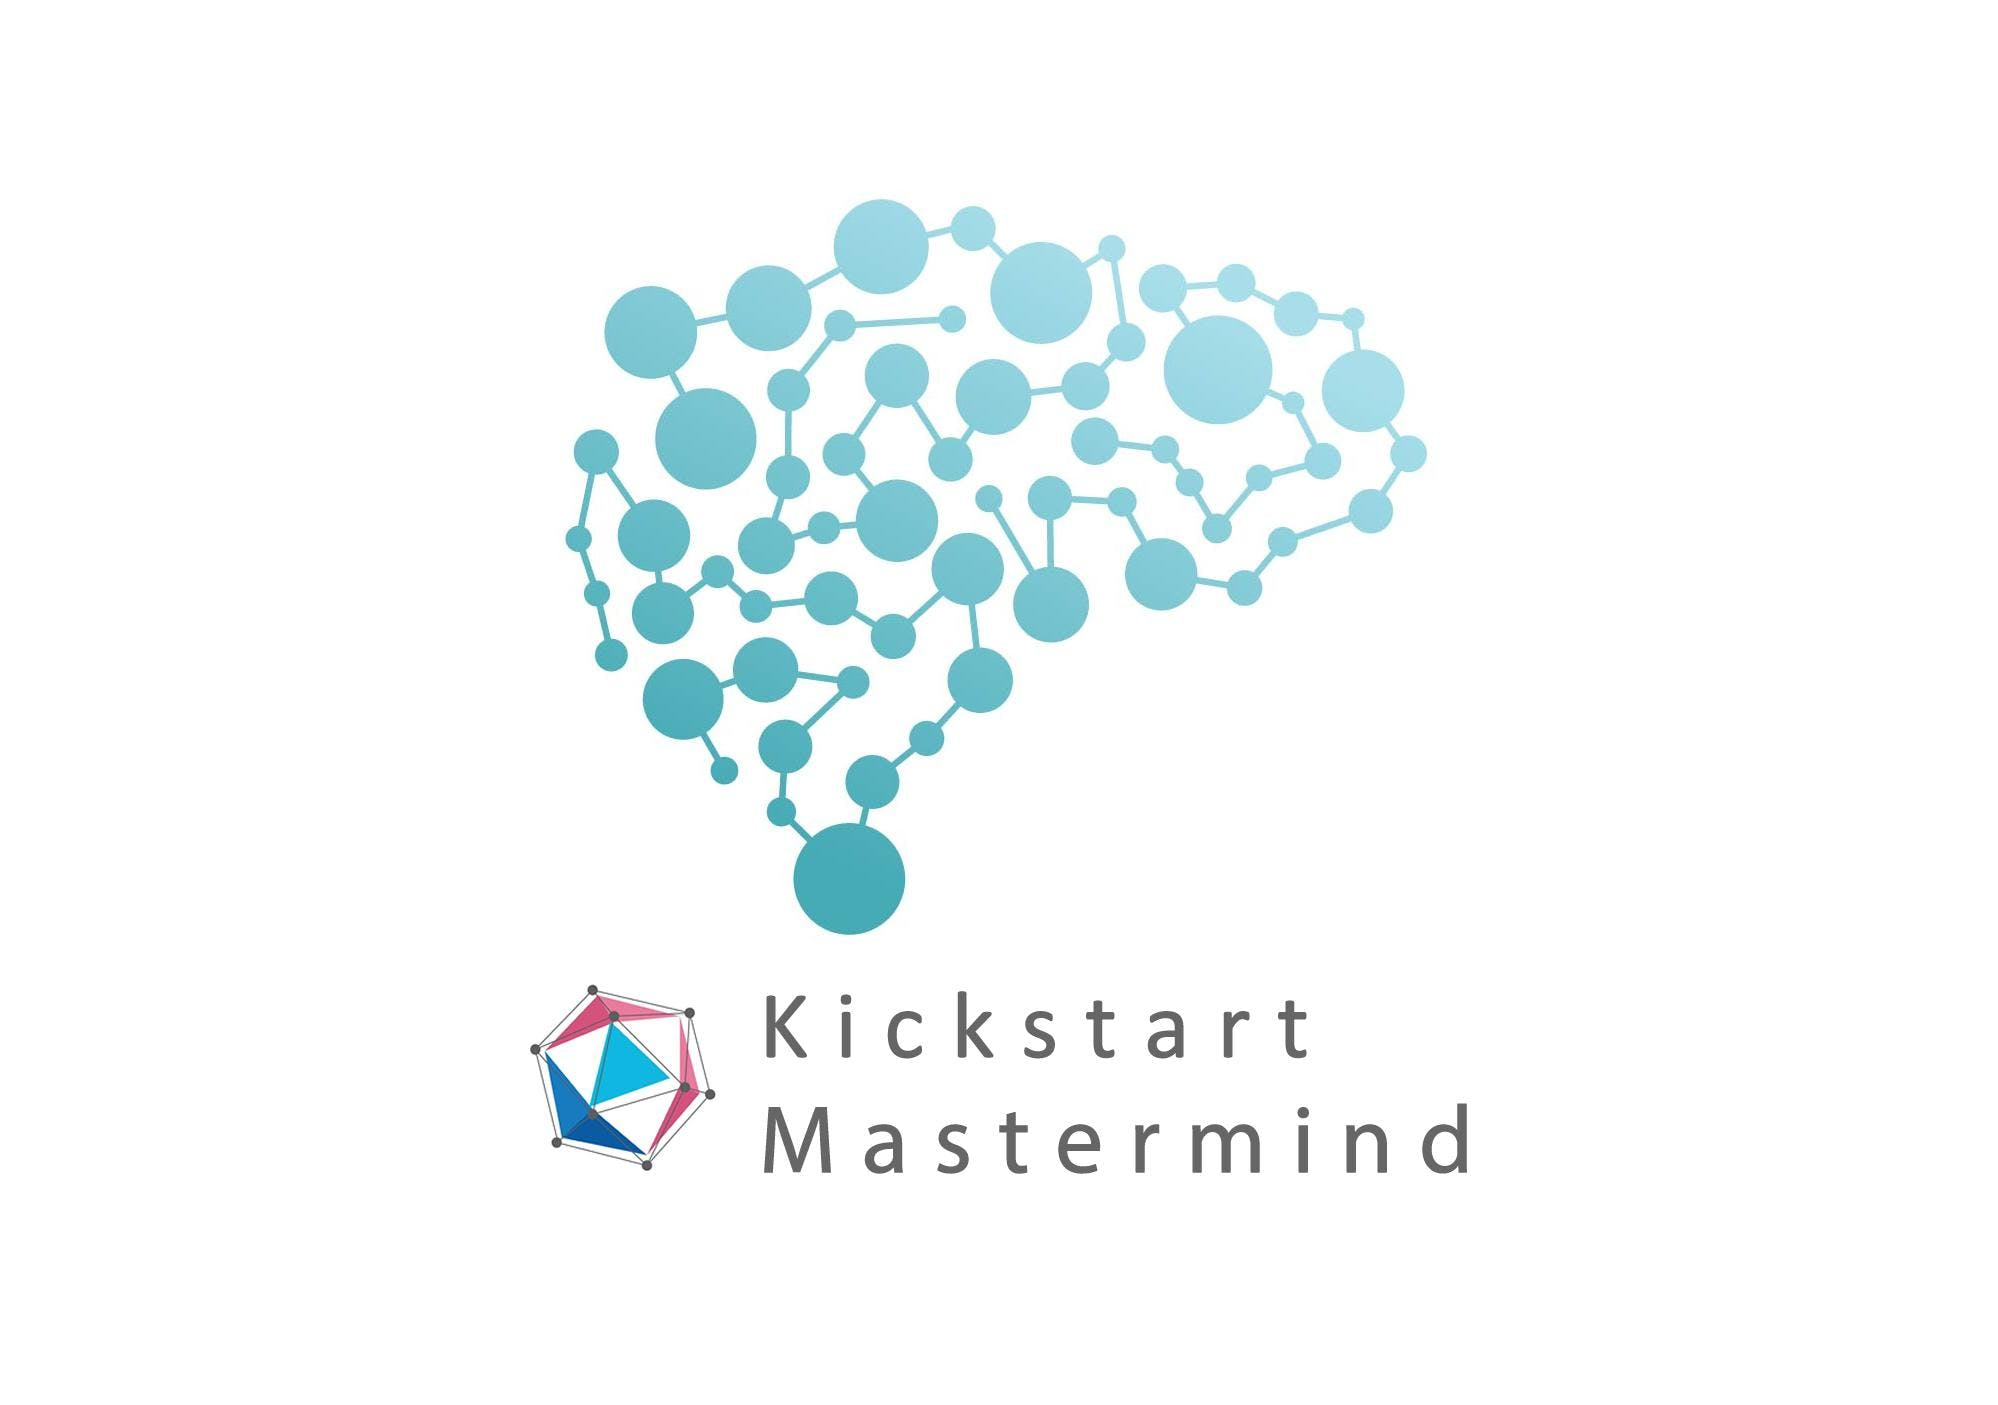 KickStart Mastermind HASSELT